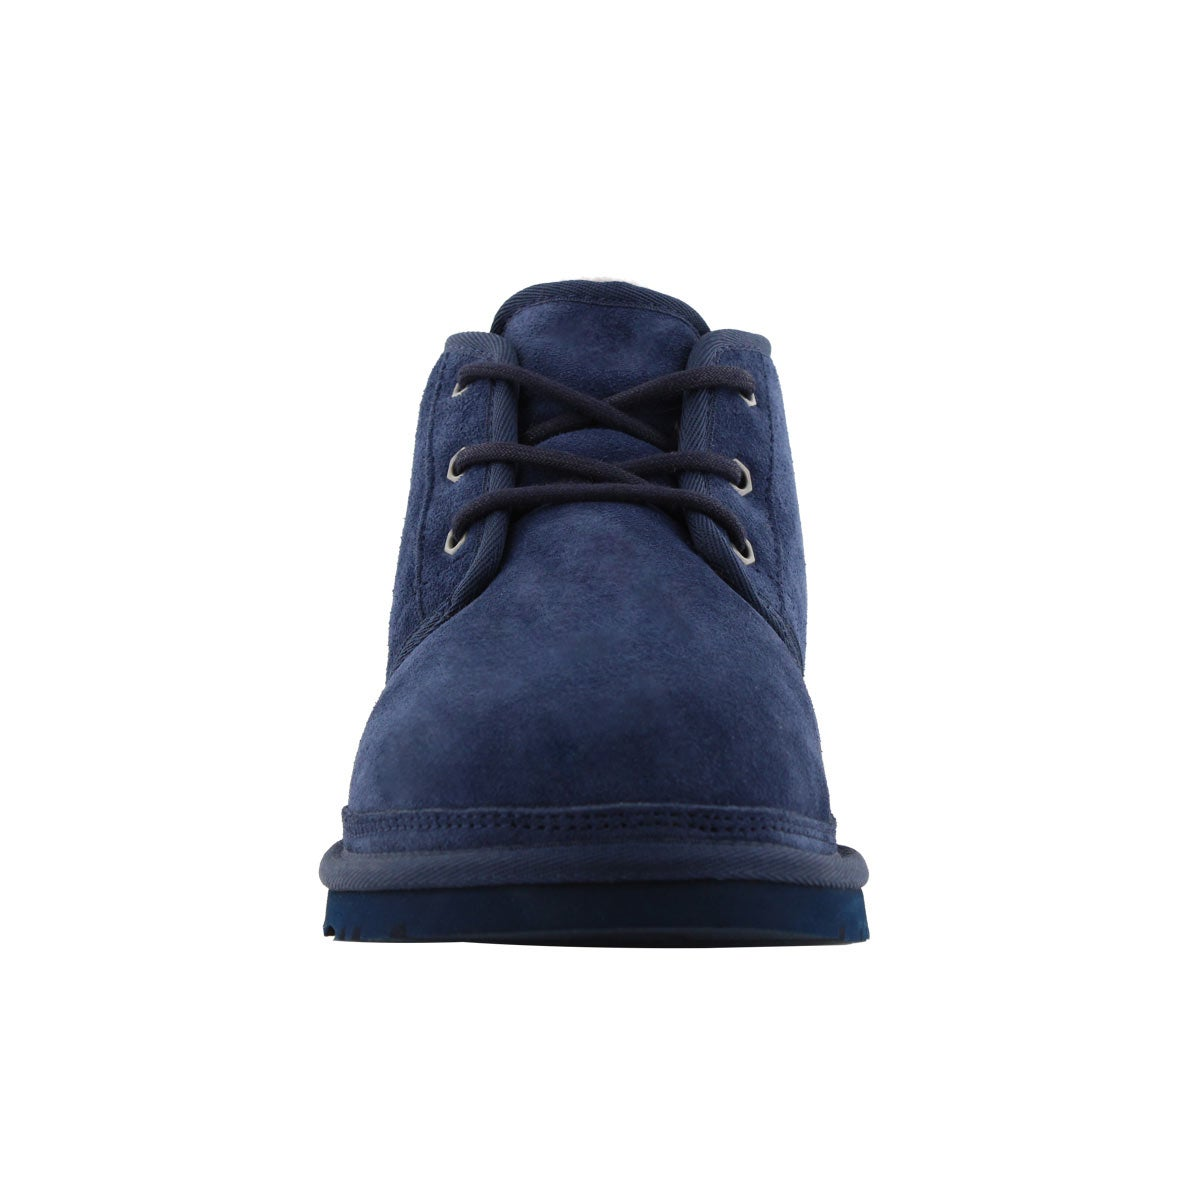 Mns Neumel new navy lined chukka boot